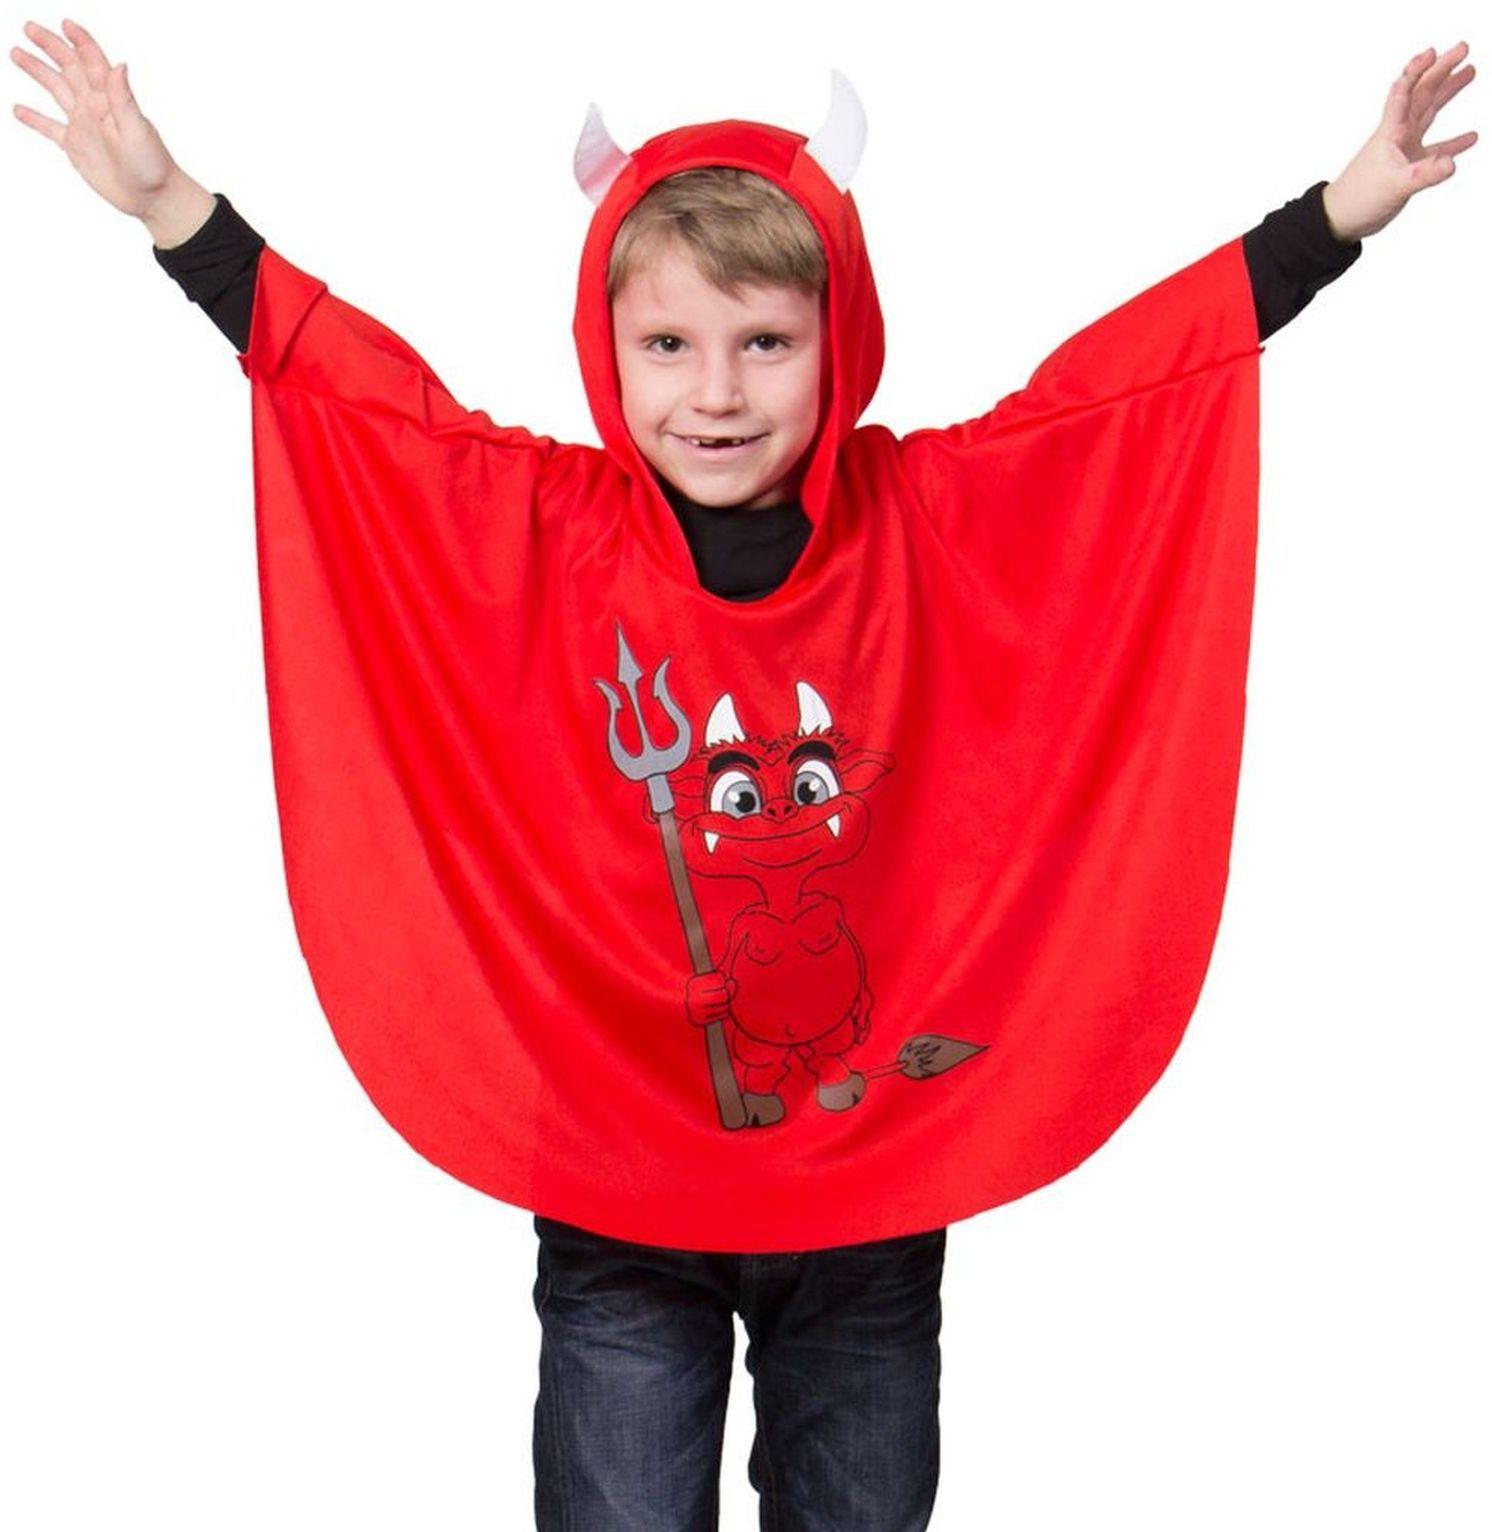 Folat 63257 peleryna diabła, kostium STD, rozmiar uniwersalny